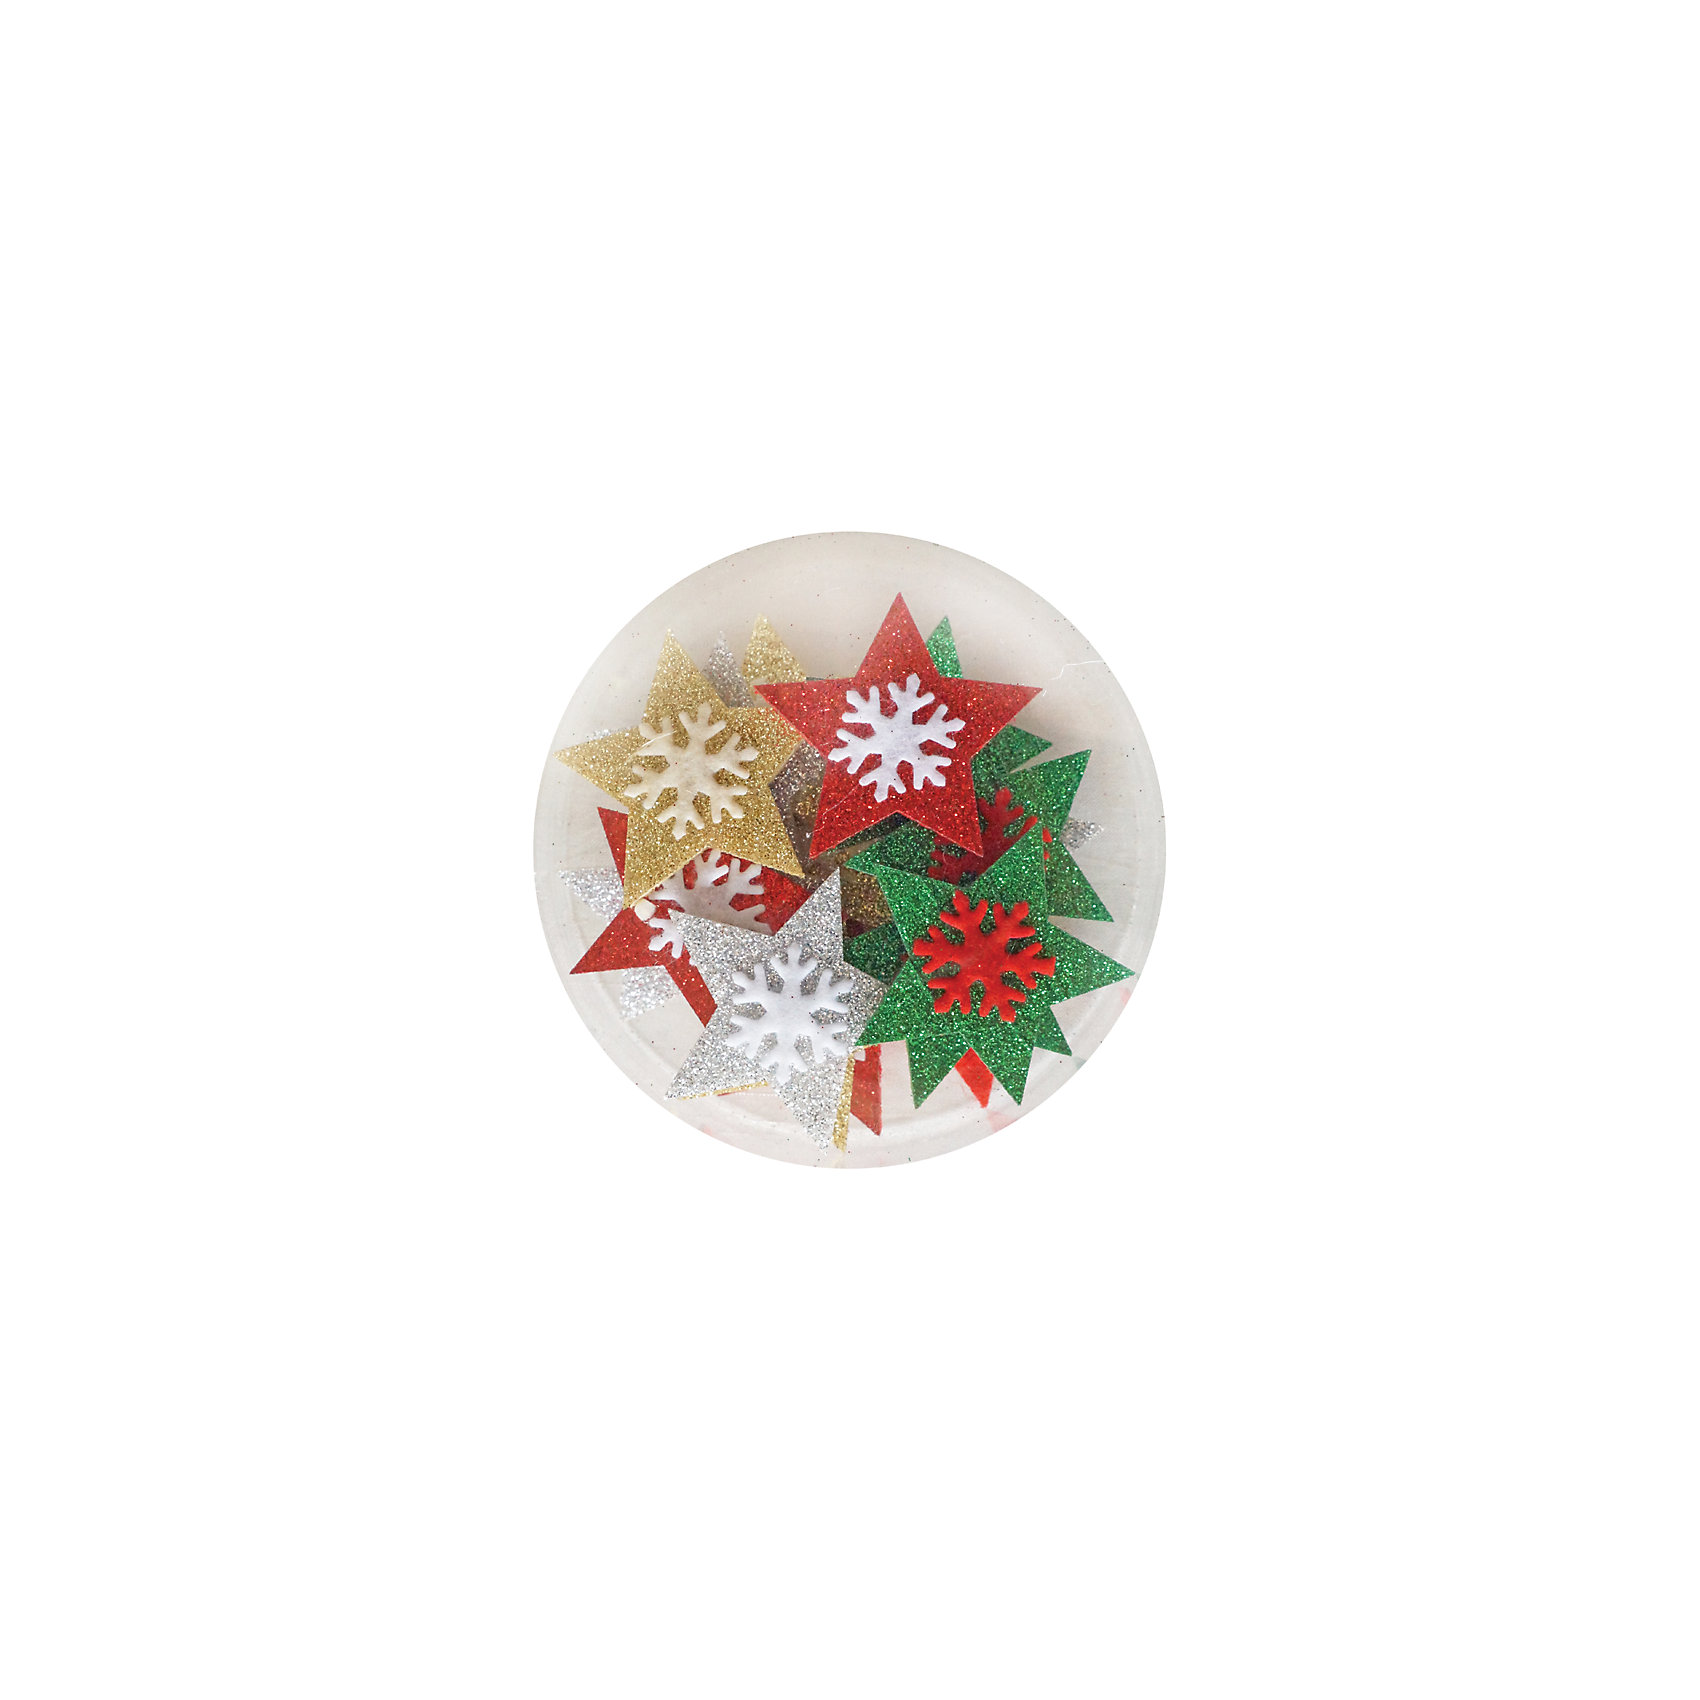 Набор стикеров Звезда 4,5 см, 16 шт, разноцветныеВсё для праздника<br>Набор разноцветных стикеров Звезда украсит ваш интерьер и придаст ему новогоднее настроение.Размер стикера 4,5 см.В наборе 16 шт<br><br>Ширина мм: 150<br>Глубина мм: 105<br>Высота мм: 25<br>Вес г: 25<br>Возраст от месяцев: 36<br>Возраст до месяцев: 420<br>Пол: Унисекс<br>Возраст: Детский<br>SKU: 5078448